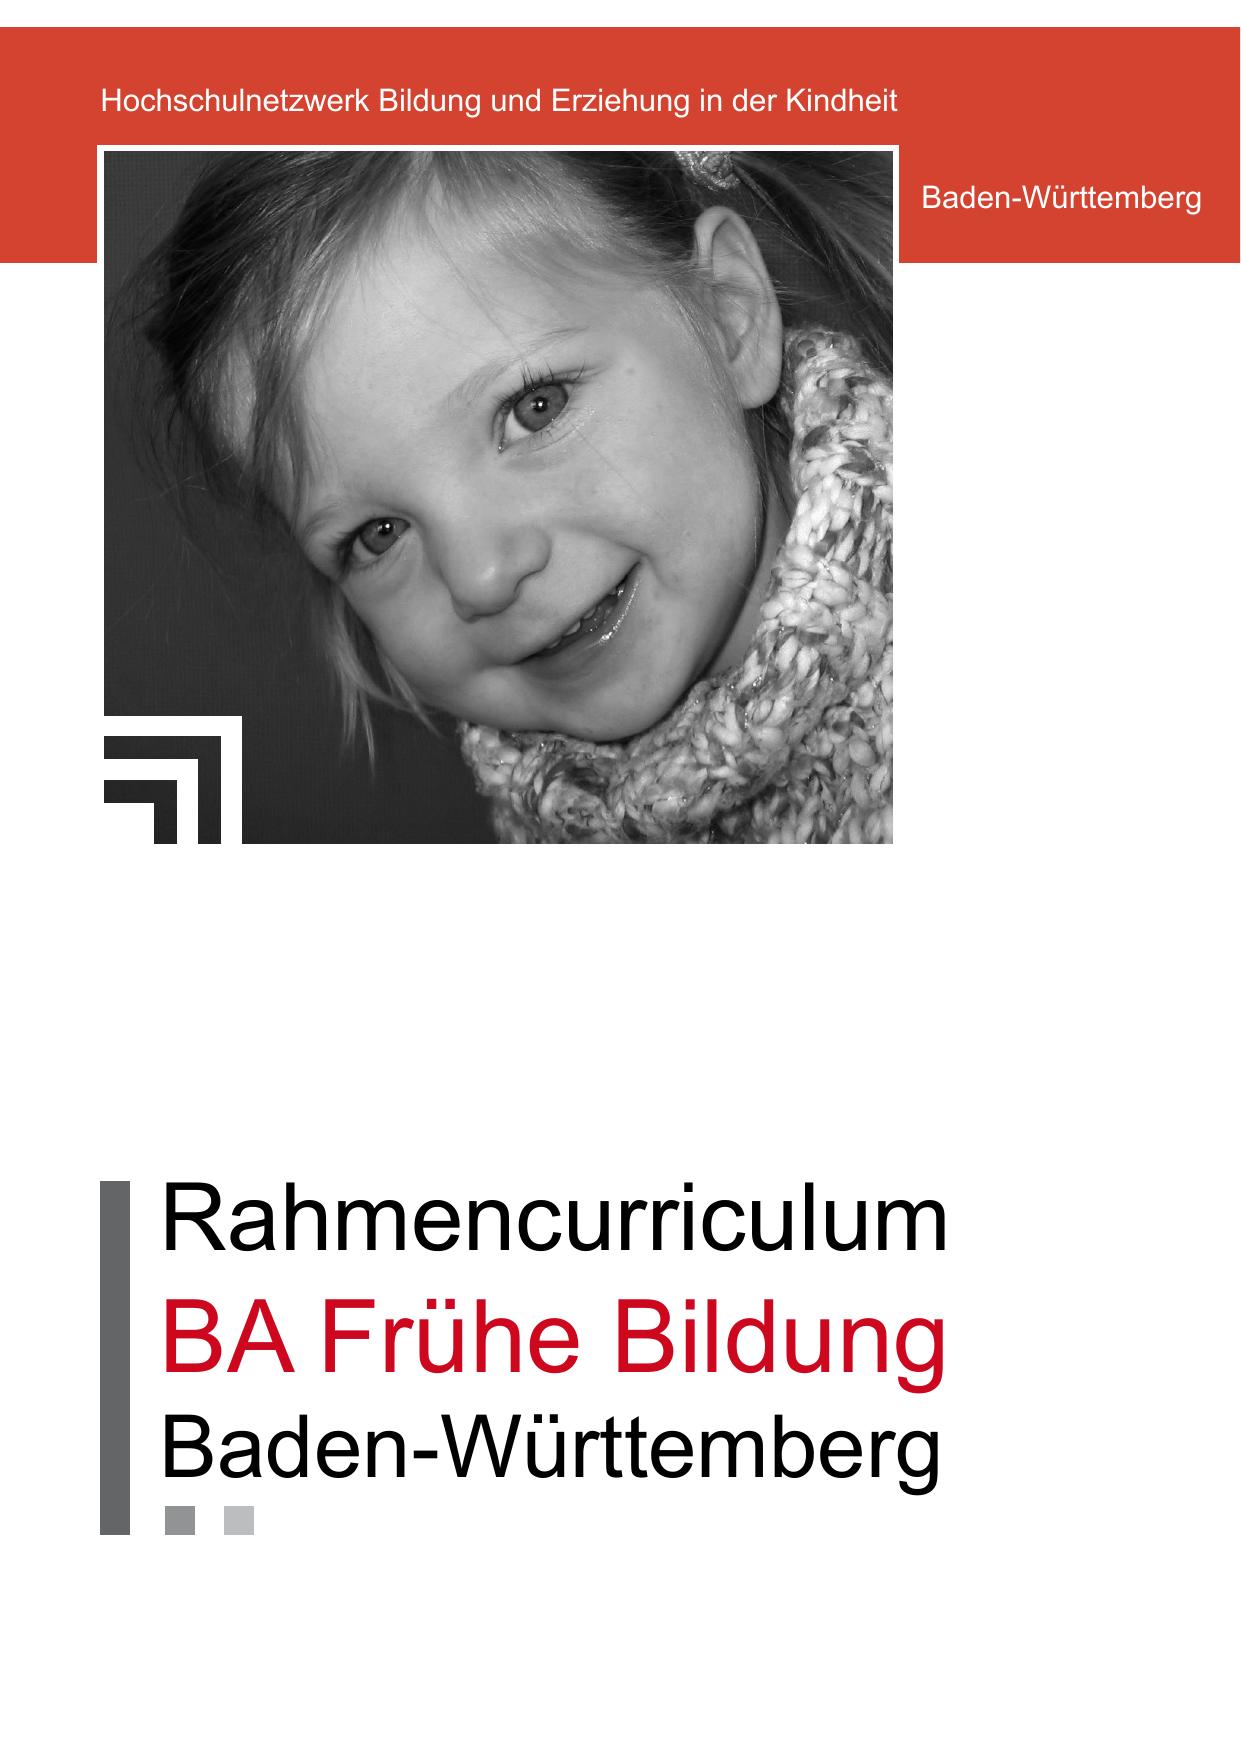 Bachelor Erziehung und Bildung in der Kindheit: Profil | ASH